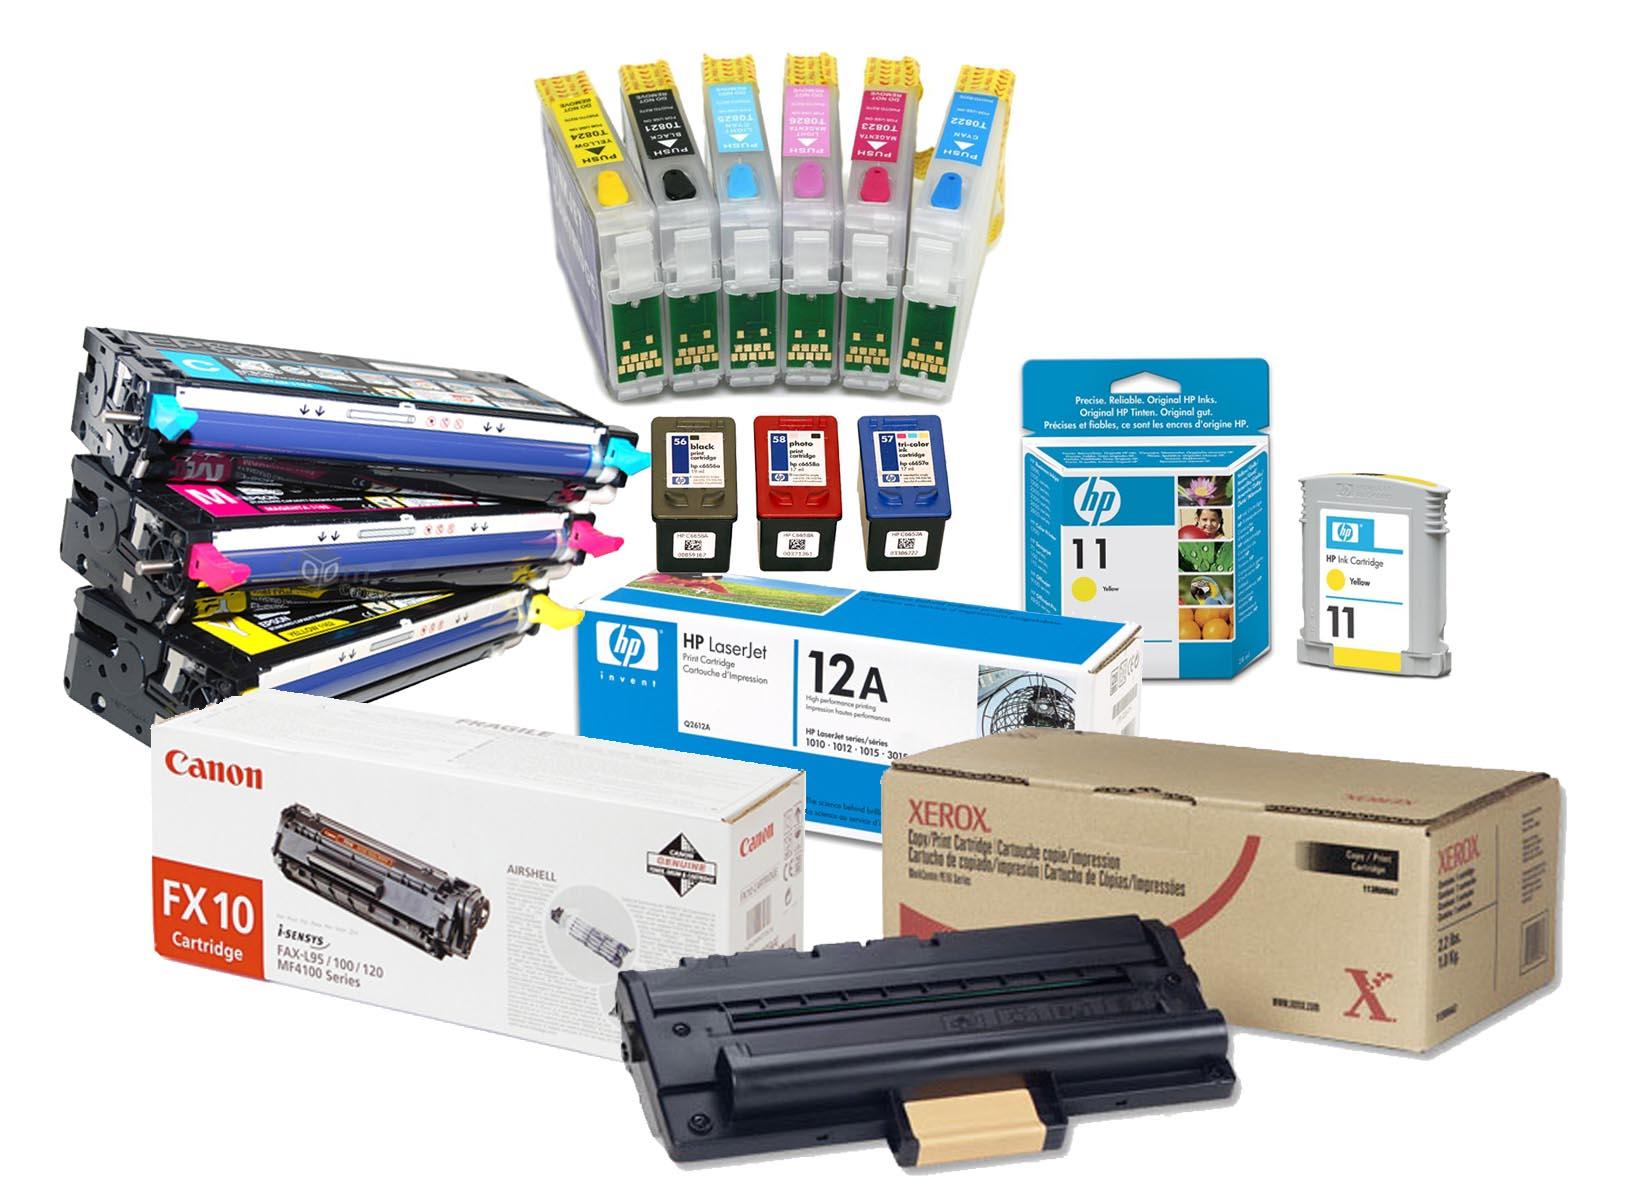 Сбор заказов. Расходные материалы для оргтехники - картриджи для принтеров оригинальные и совместимые, чернила и заправочные комплекты, расходные материалы для переплетчиков и ламинаторов, широкоформатная бумага. Выкуп 3.